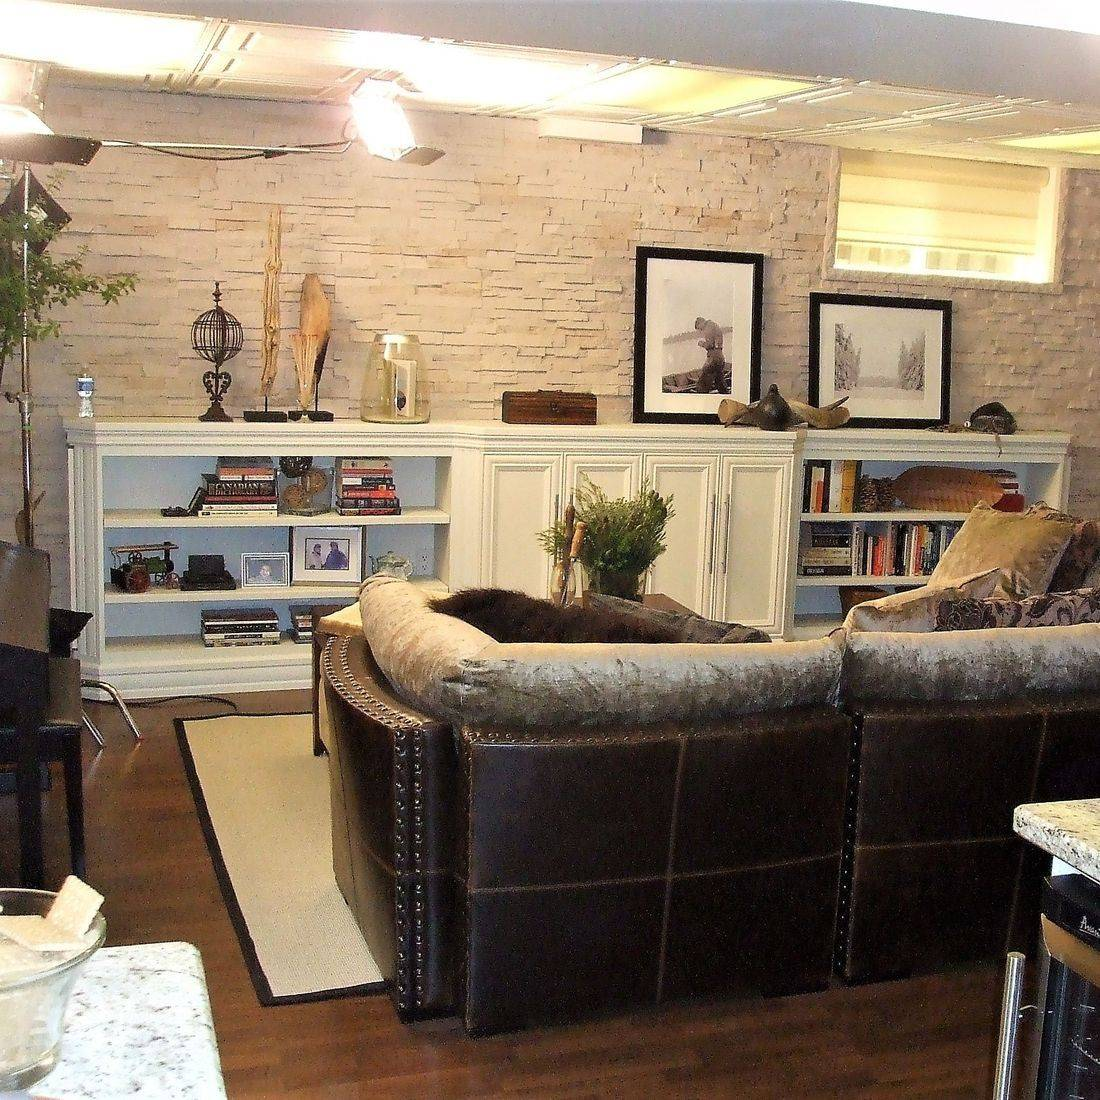 Sibra Kitchens Markham Toronto cabinets HGTV bookshelves